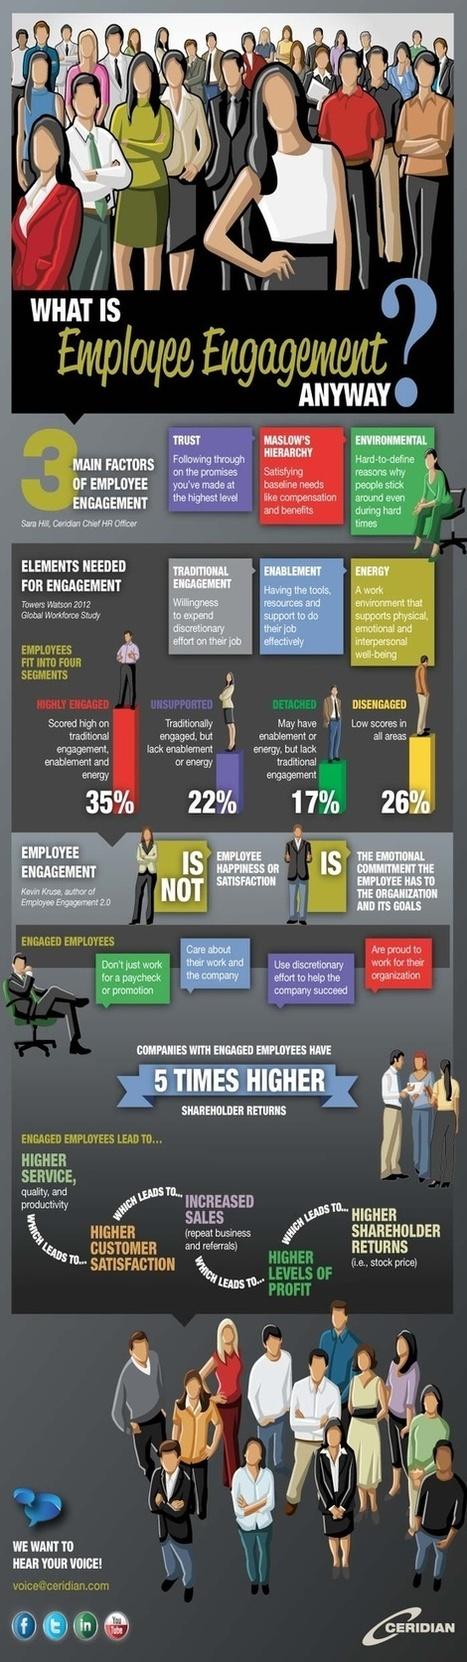 Human Resources Infographics | Trends in Employee Volunteering & Workplace Giving | Scoop.it